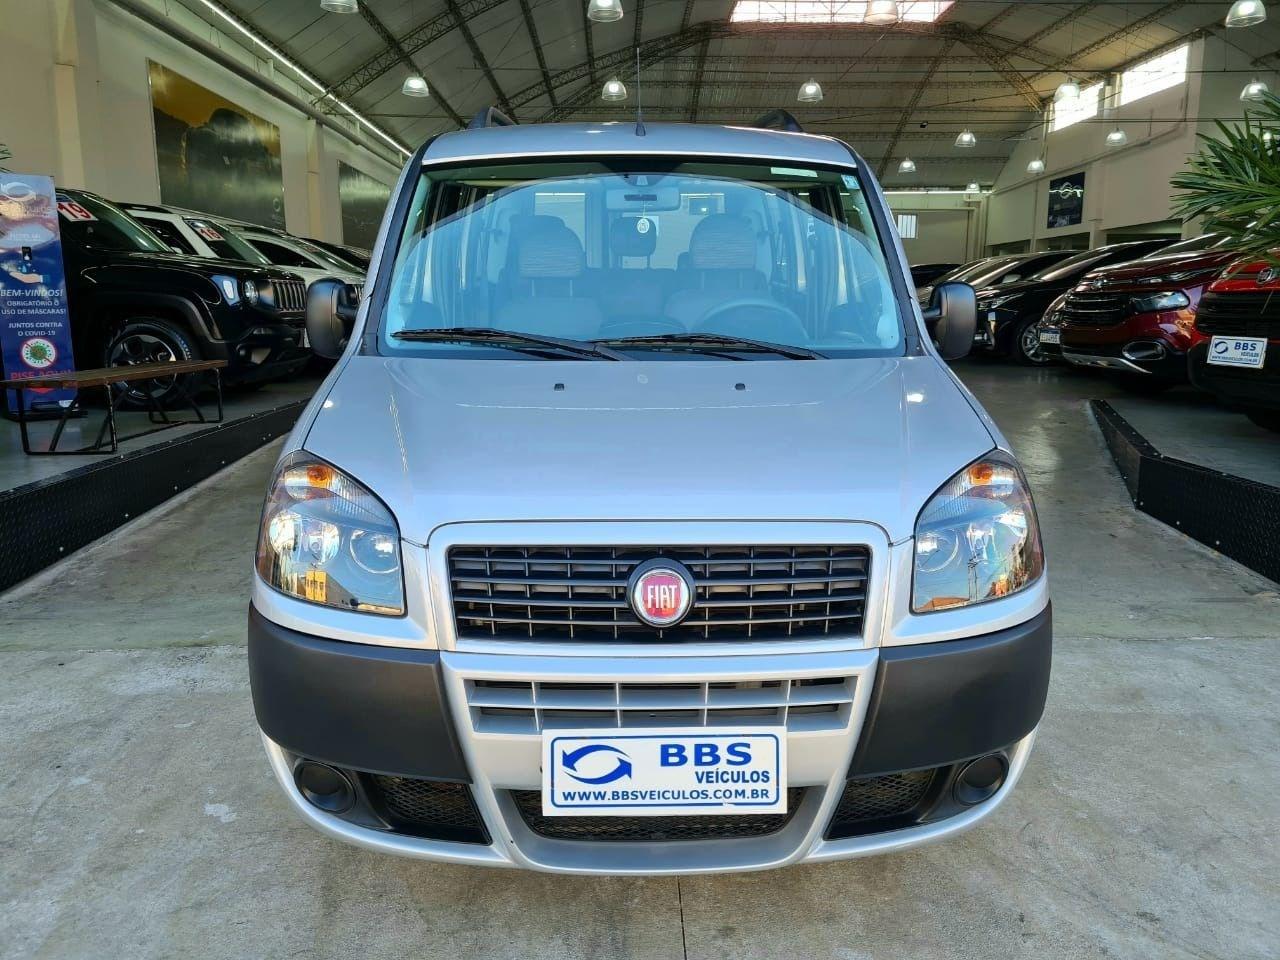 //www.autoline.com.br/carro/fiat/doblo-18-essence-16v-flex-4p-manual/2020/sao-paulo-sp/14848727